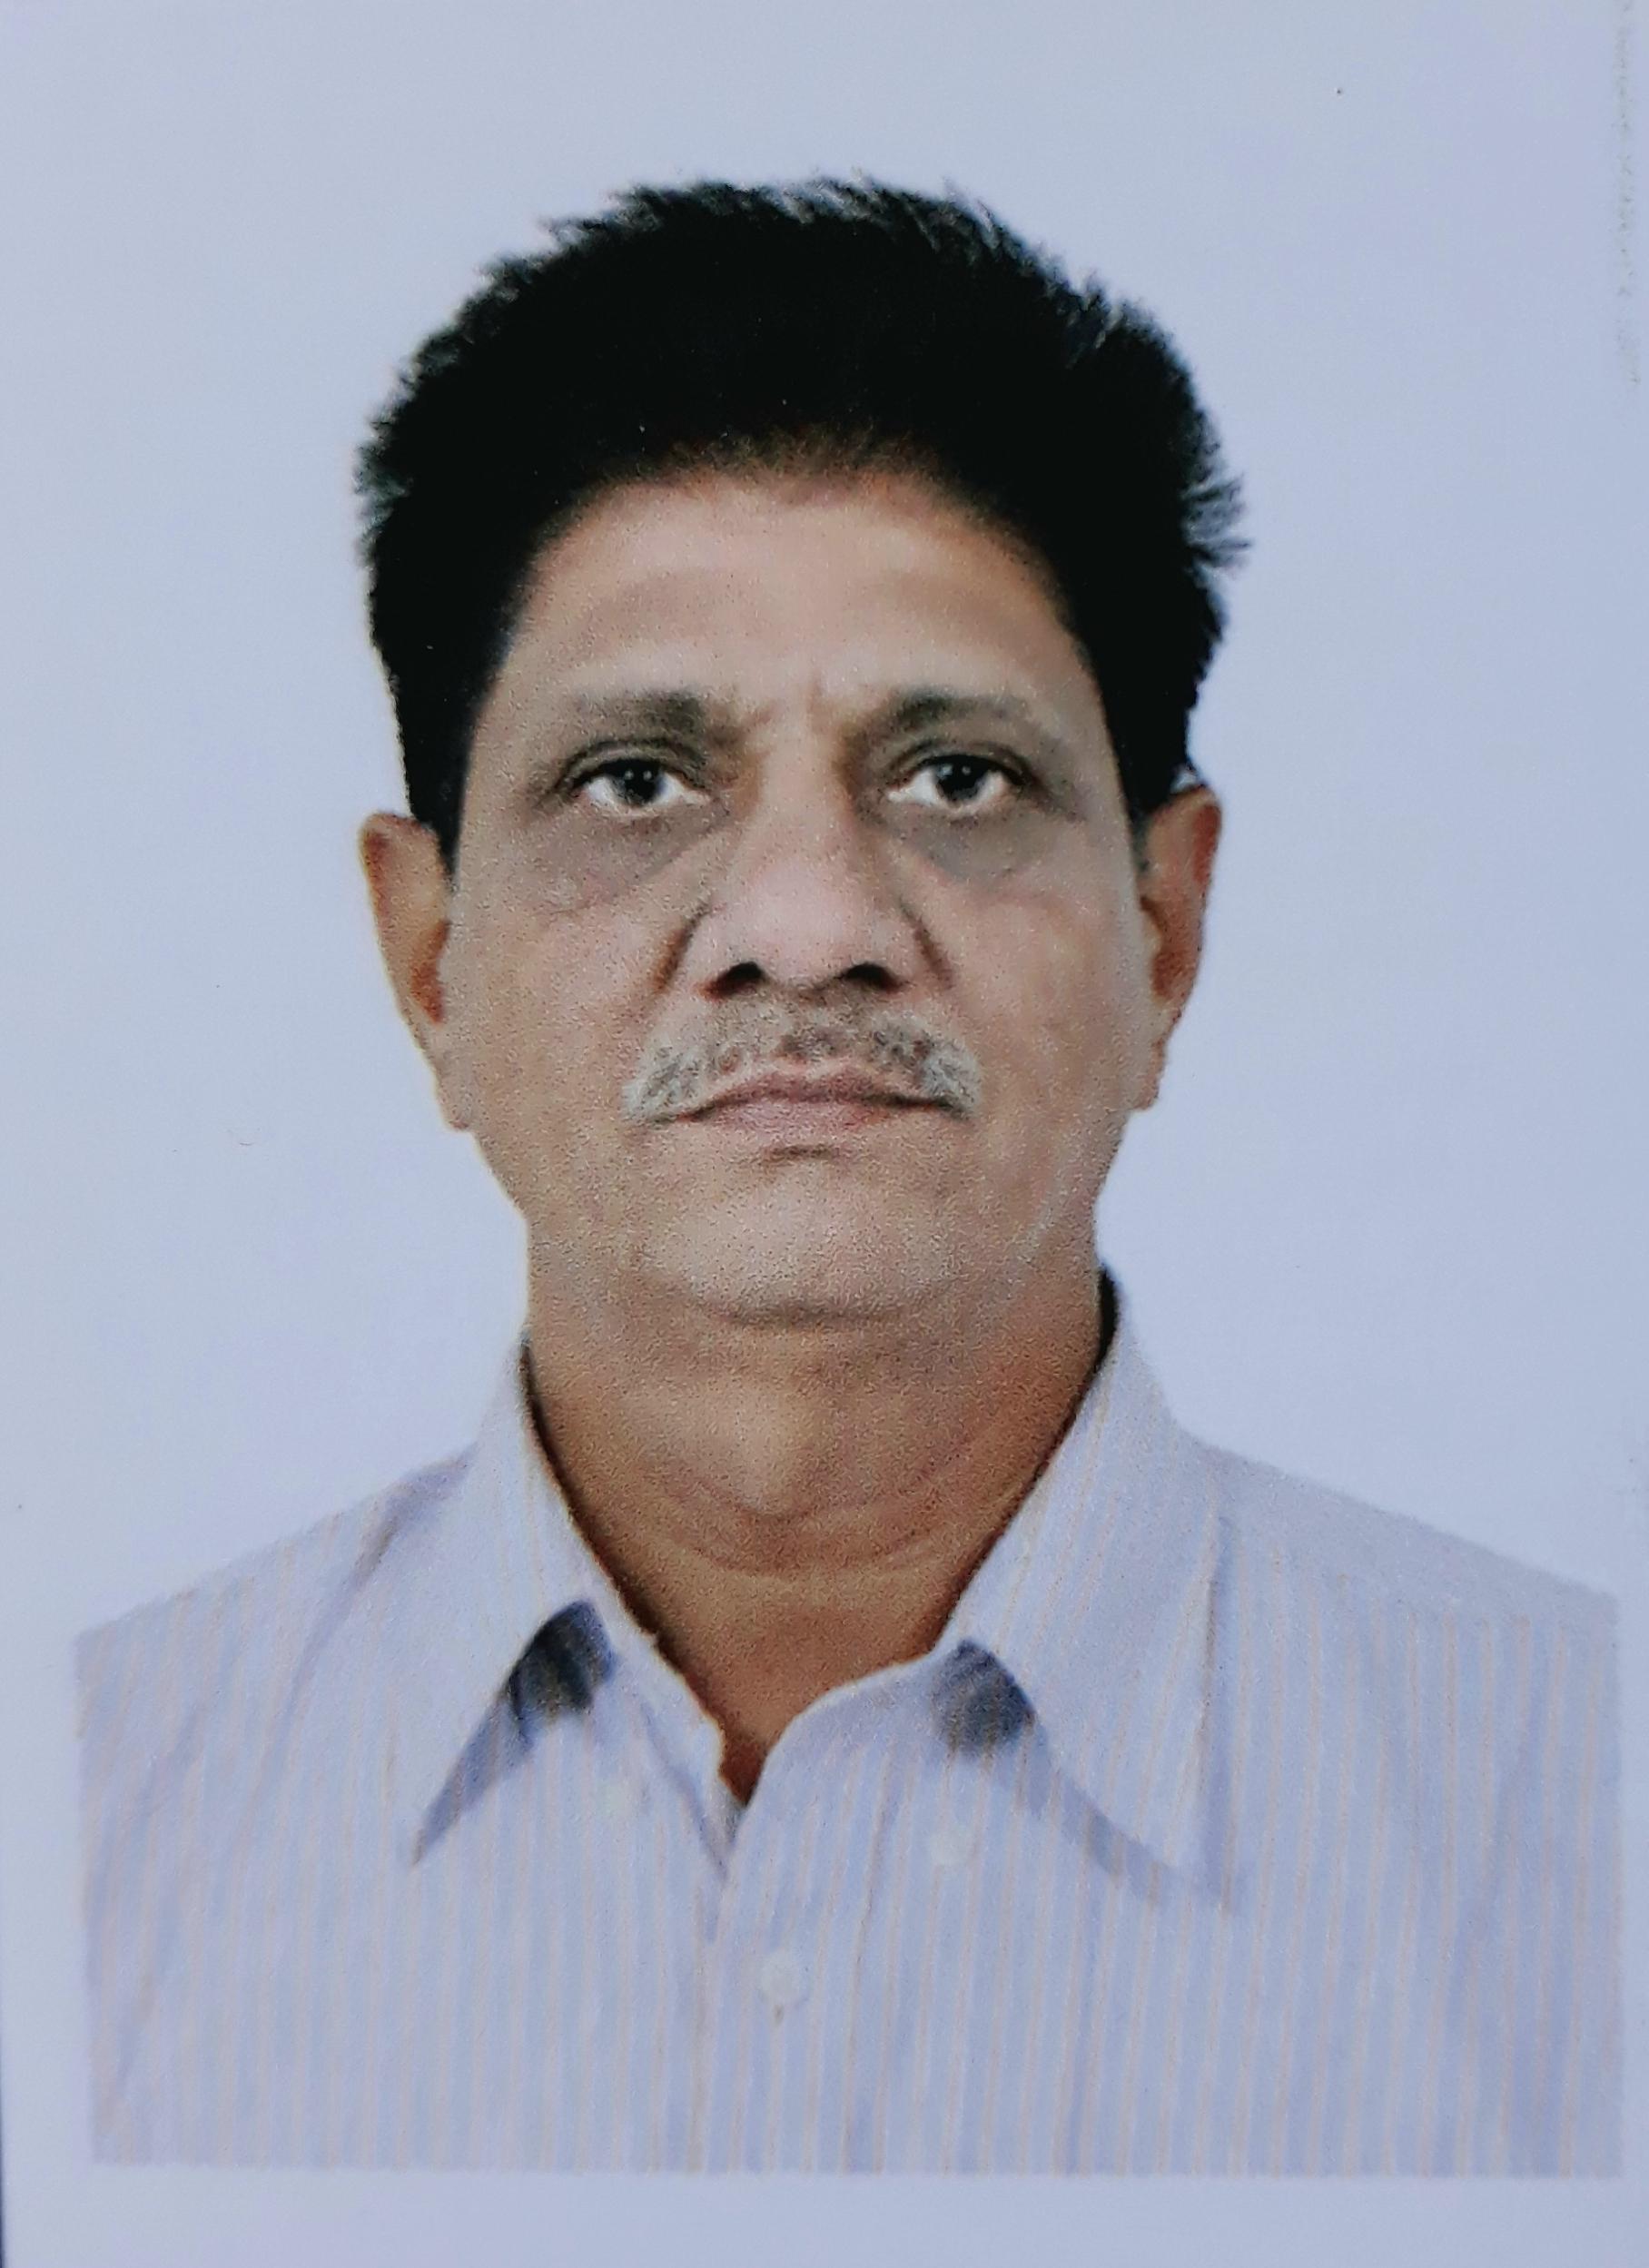 Mr. Gopalbhai S Prajapati